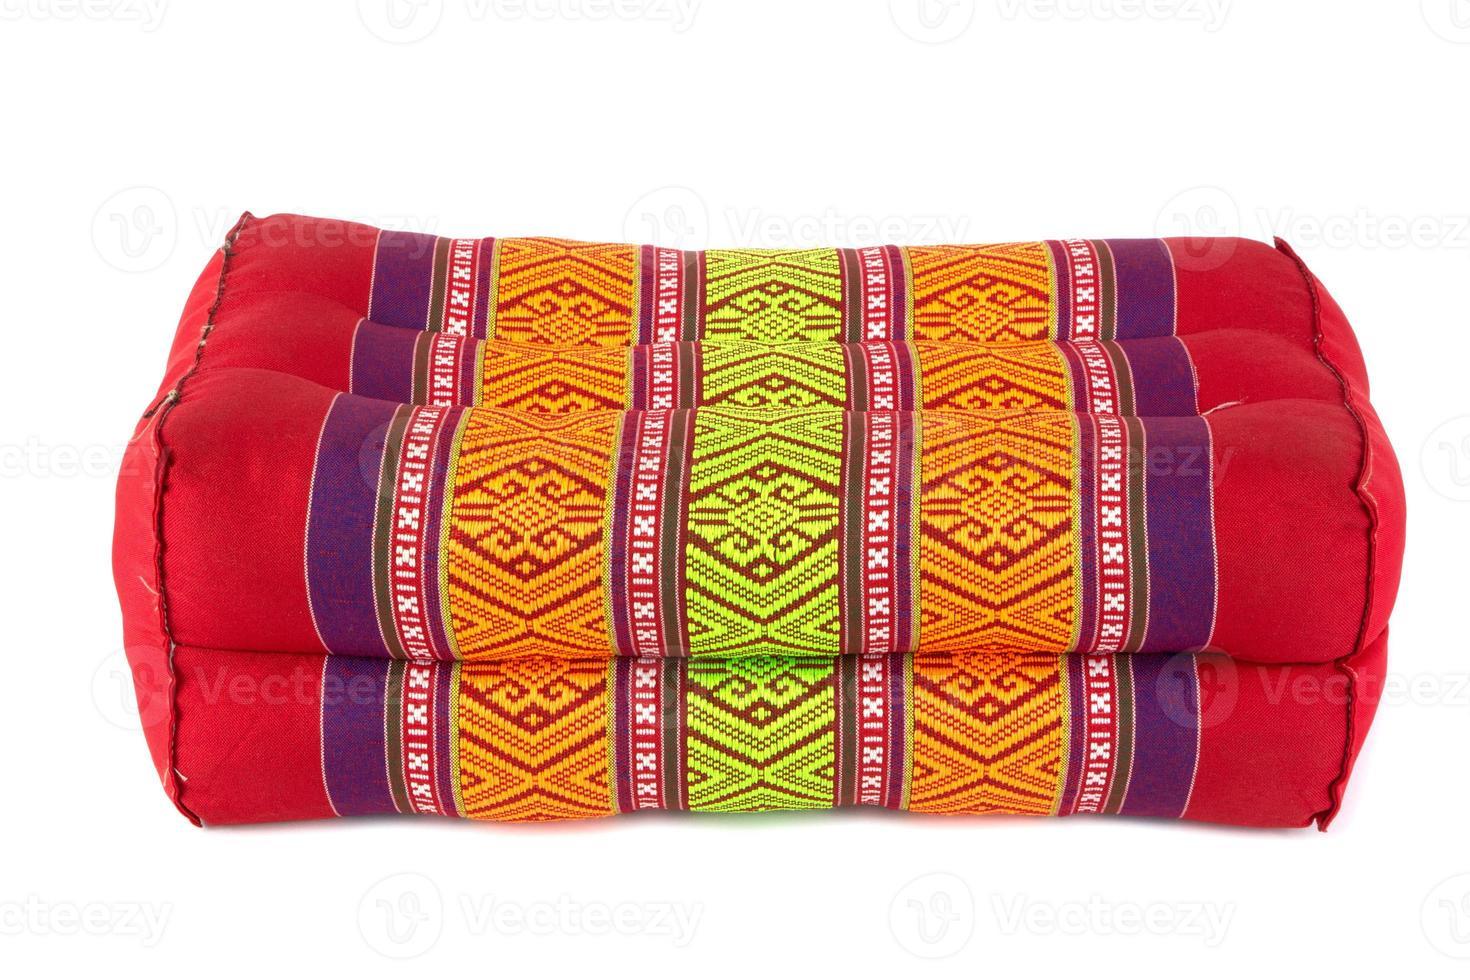 almohada rectangular como estilo tailandés, fondo blanco foto